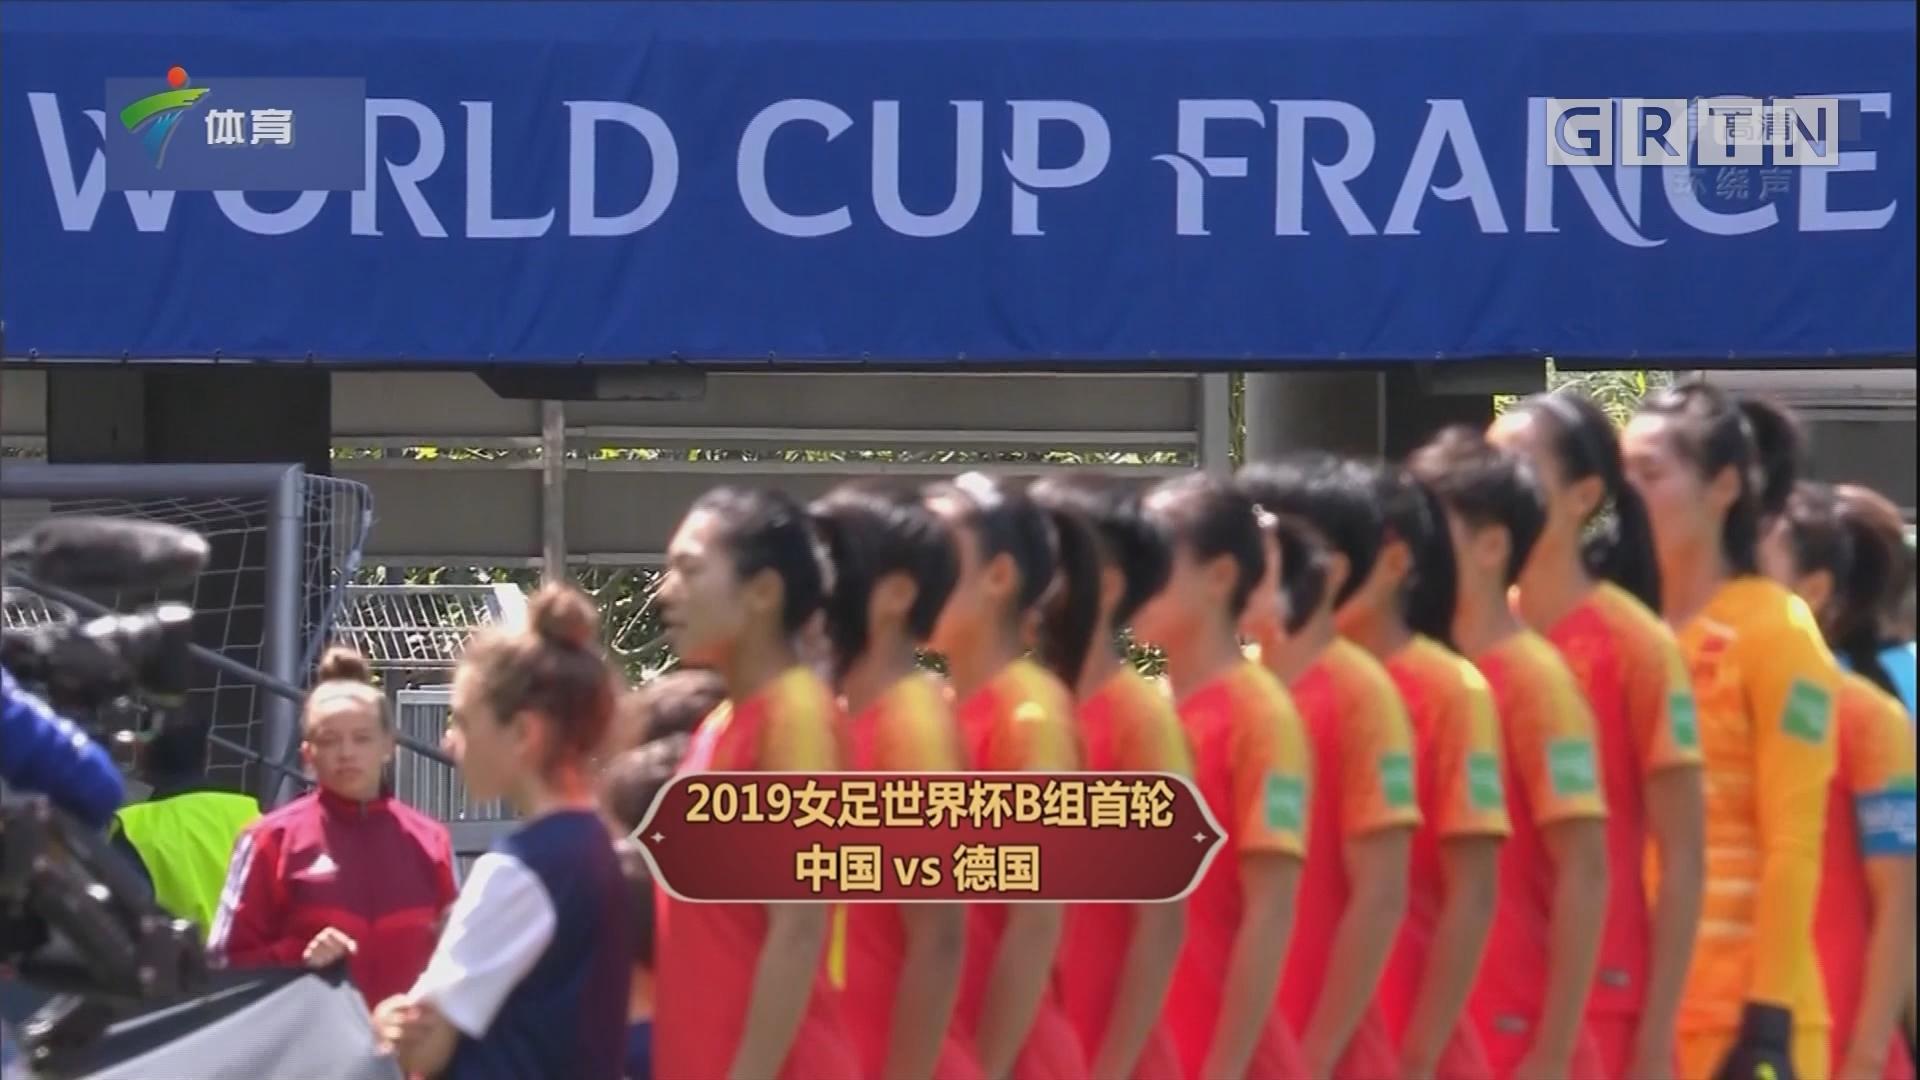 2019女足世界杯B组首轮 中国VS德国